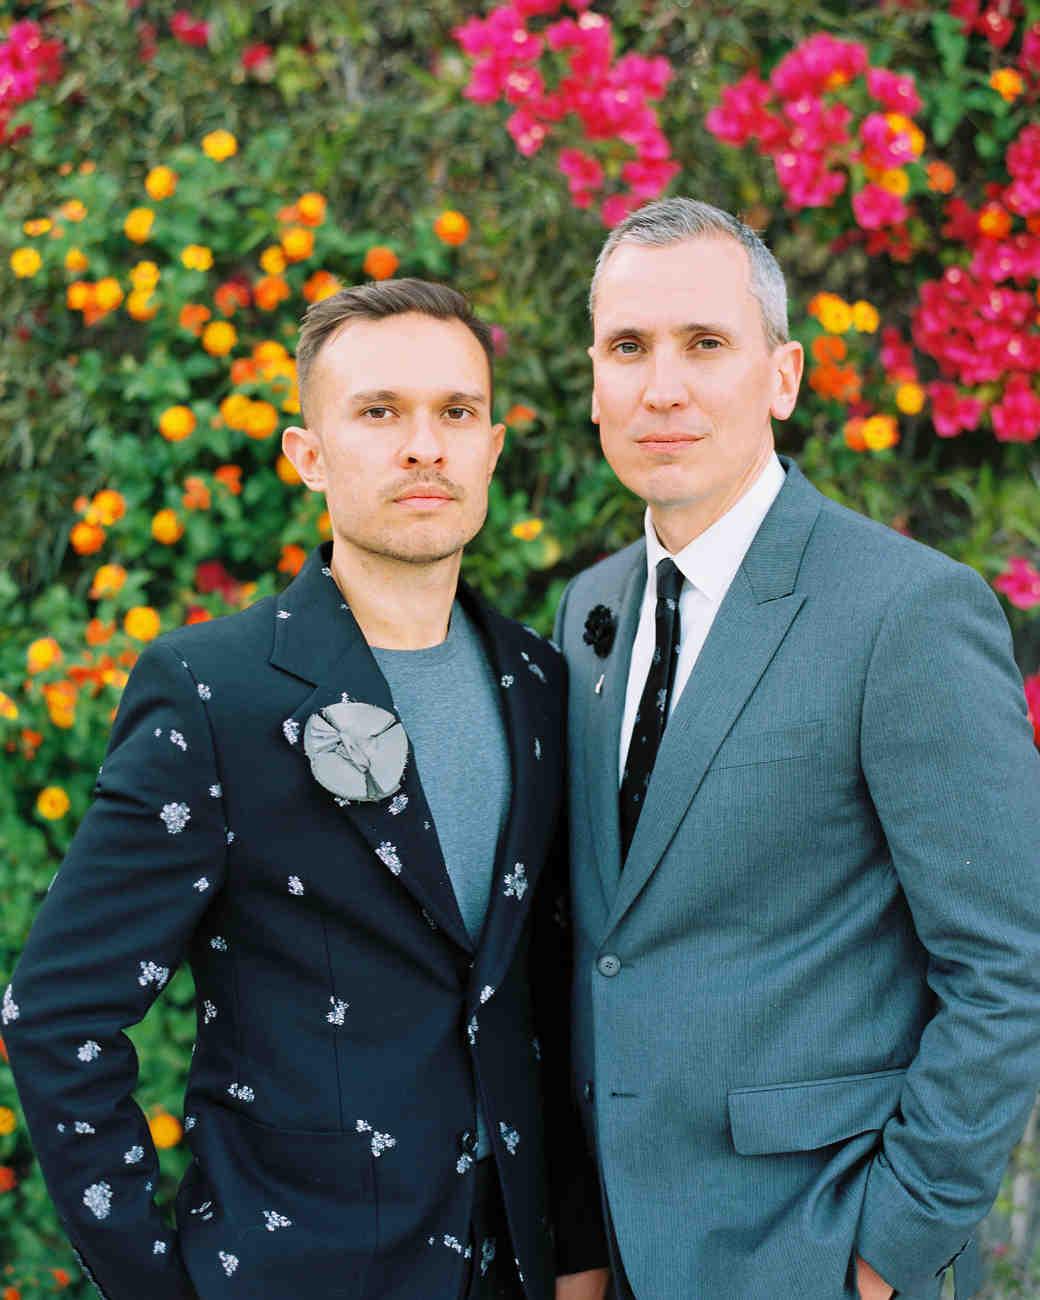 A Chic Destination Wedding in Palm Springs | Martha Stewart Weddings